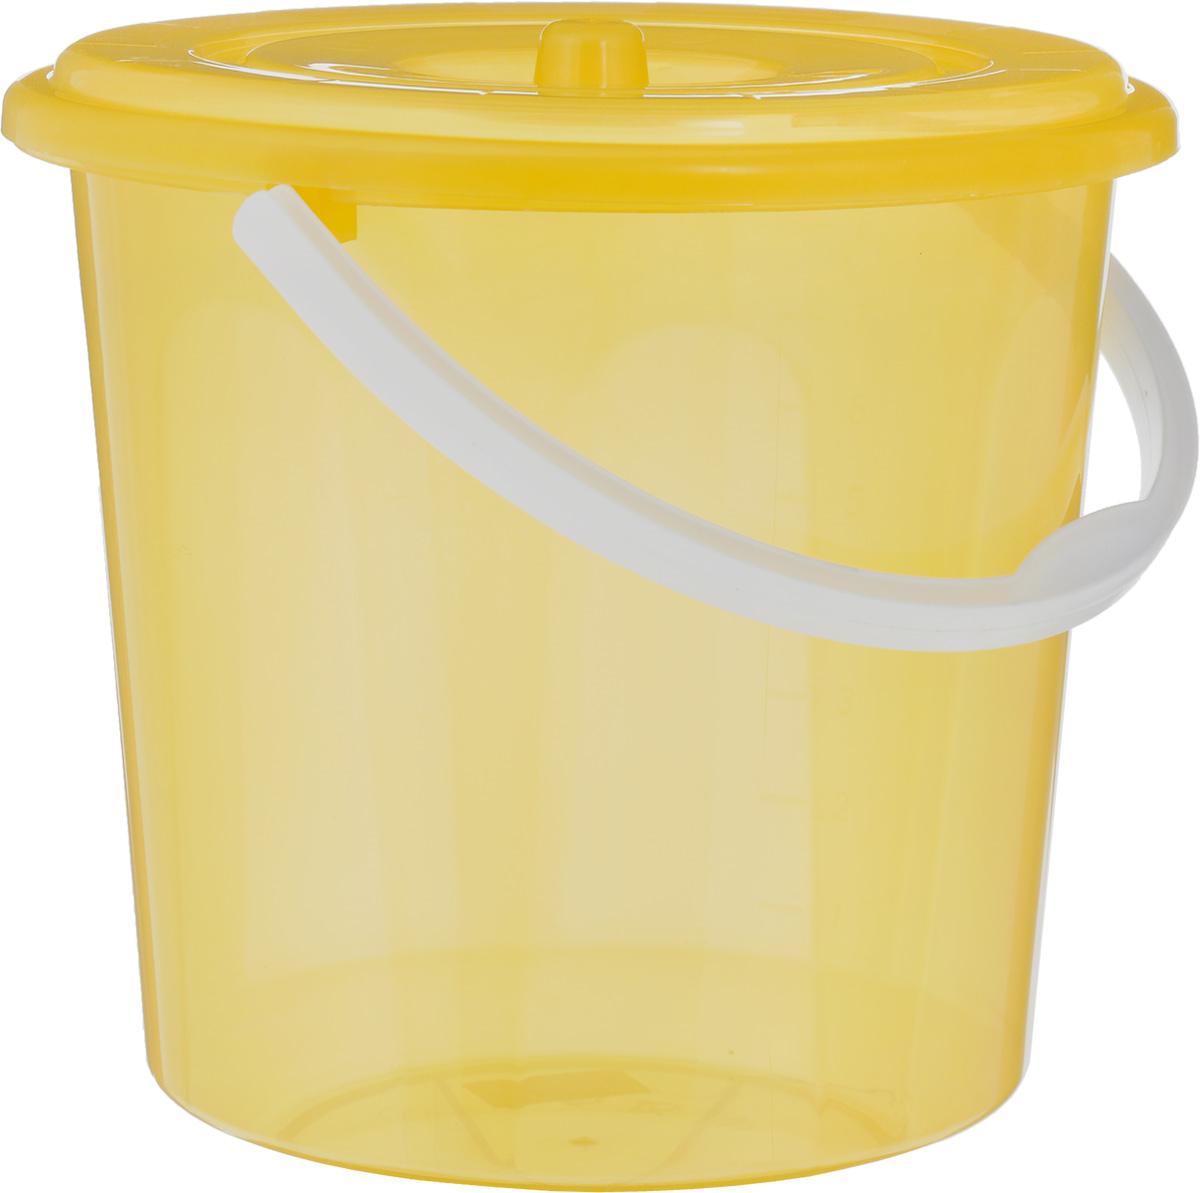 Ведро Альтернатива Хозяюшка, с крышкой, цвет: желтый, 10 л4606400105459Ведро Альтернатива Хозяюшка изготовлено извысококачественного пластика и оснащеноотметками литража. Оно легче железного и неподвержено коррозии. Ведро имеет удобную пластиковуюручку и закрывается крышкой. Такое ведро станет незаменимым помощником вхозяйстве. Идеально для хранения пищевых отходов.Диаметр: 27 см.Высота (без учета крышки): 26 см.